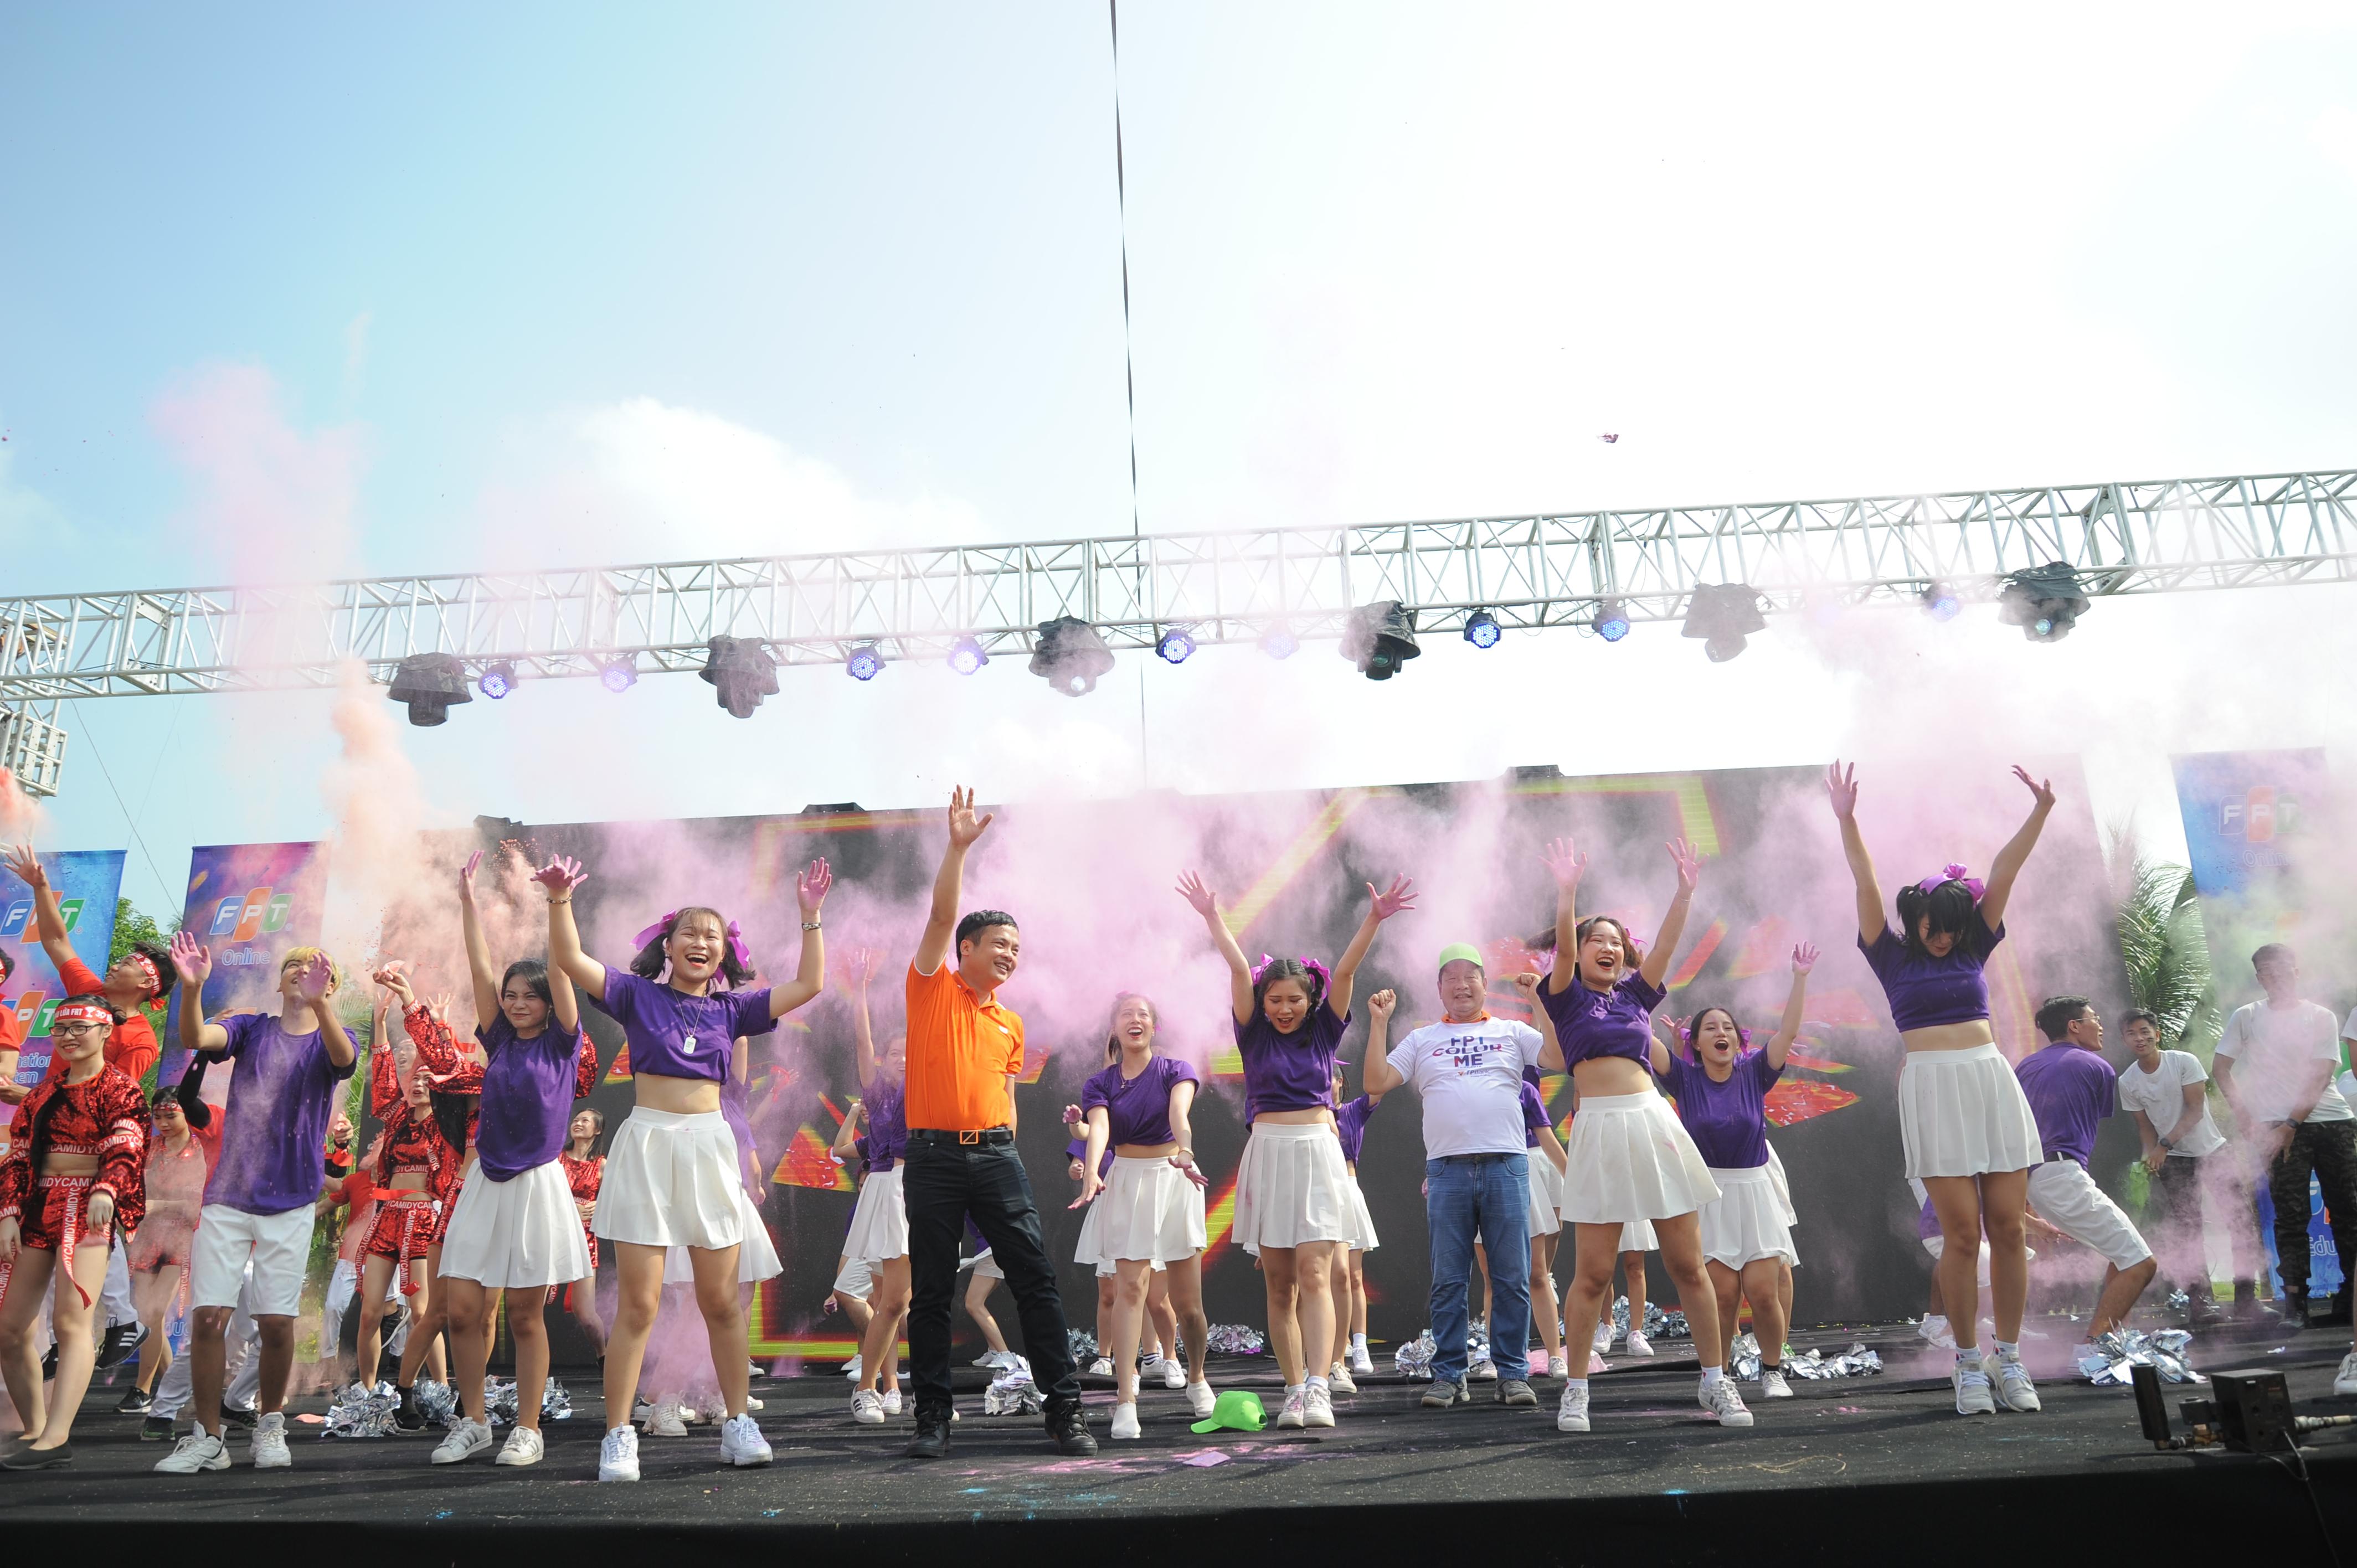 Đội quân trẻ trung, đầy sức sống của nhà Giáo dục đã thành công khi đưa Chủ tịch và TGĐ FPT lên sân khấu cùng hòa mình trong màn biểu diễn tập thể.Ảnh:Ngọc Thắng.